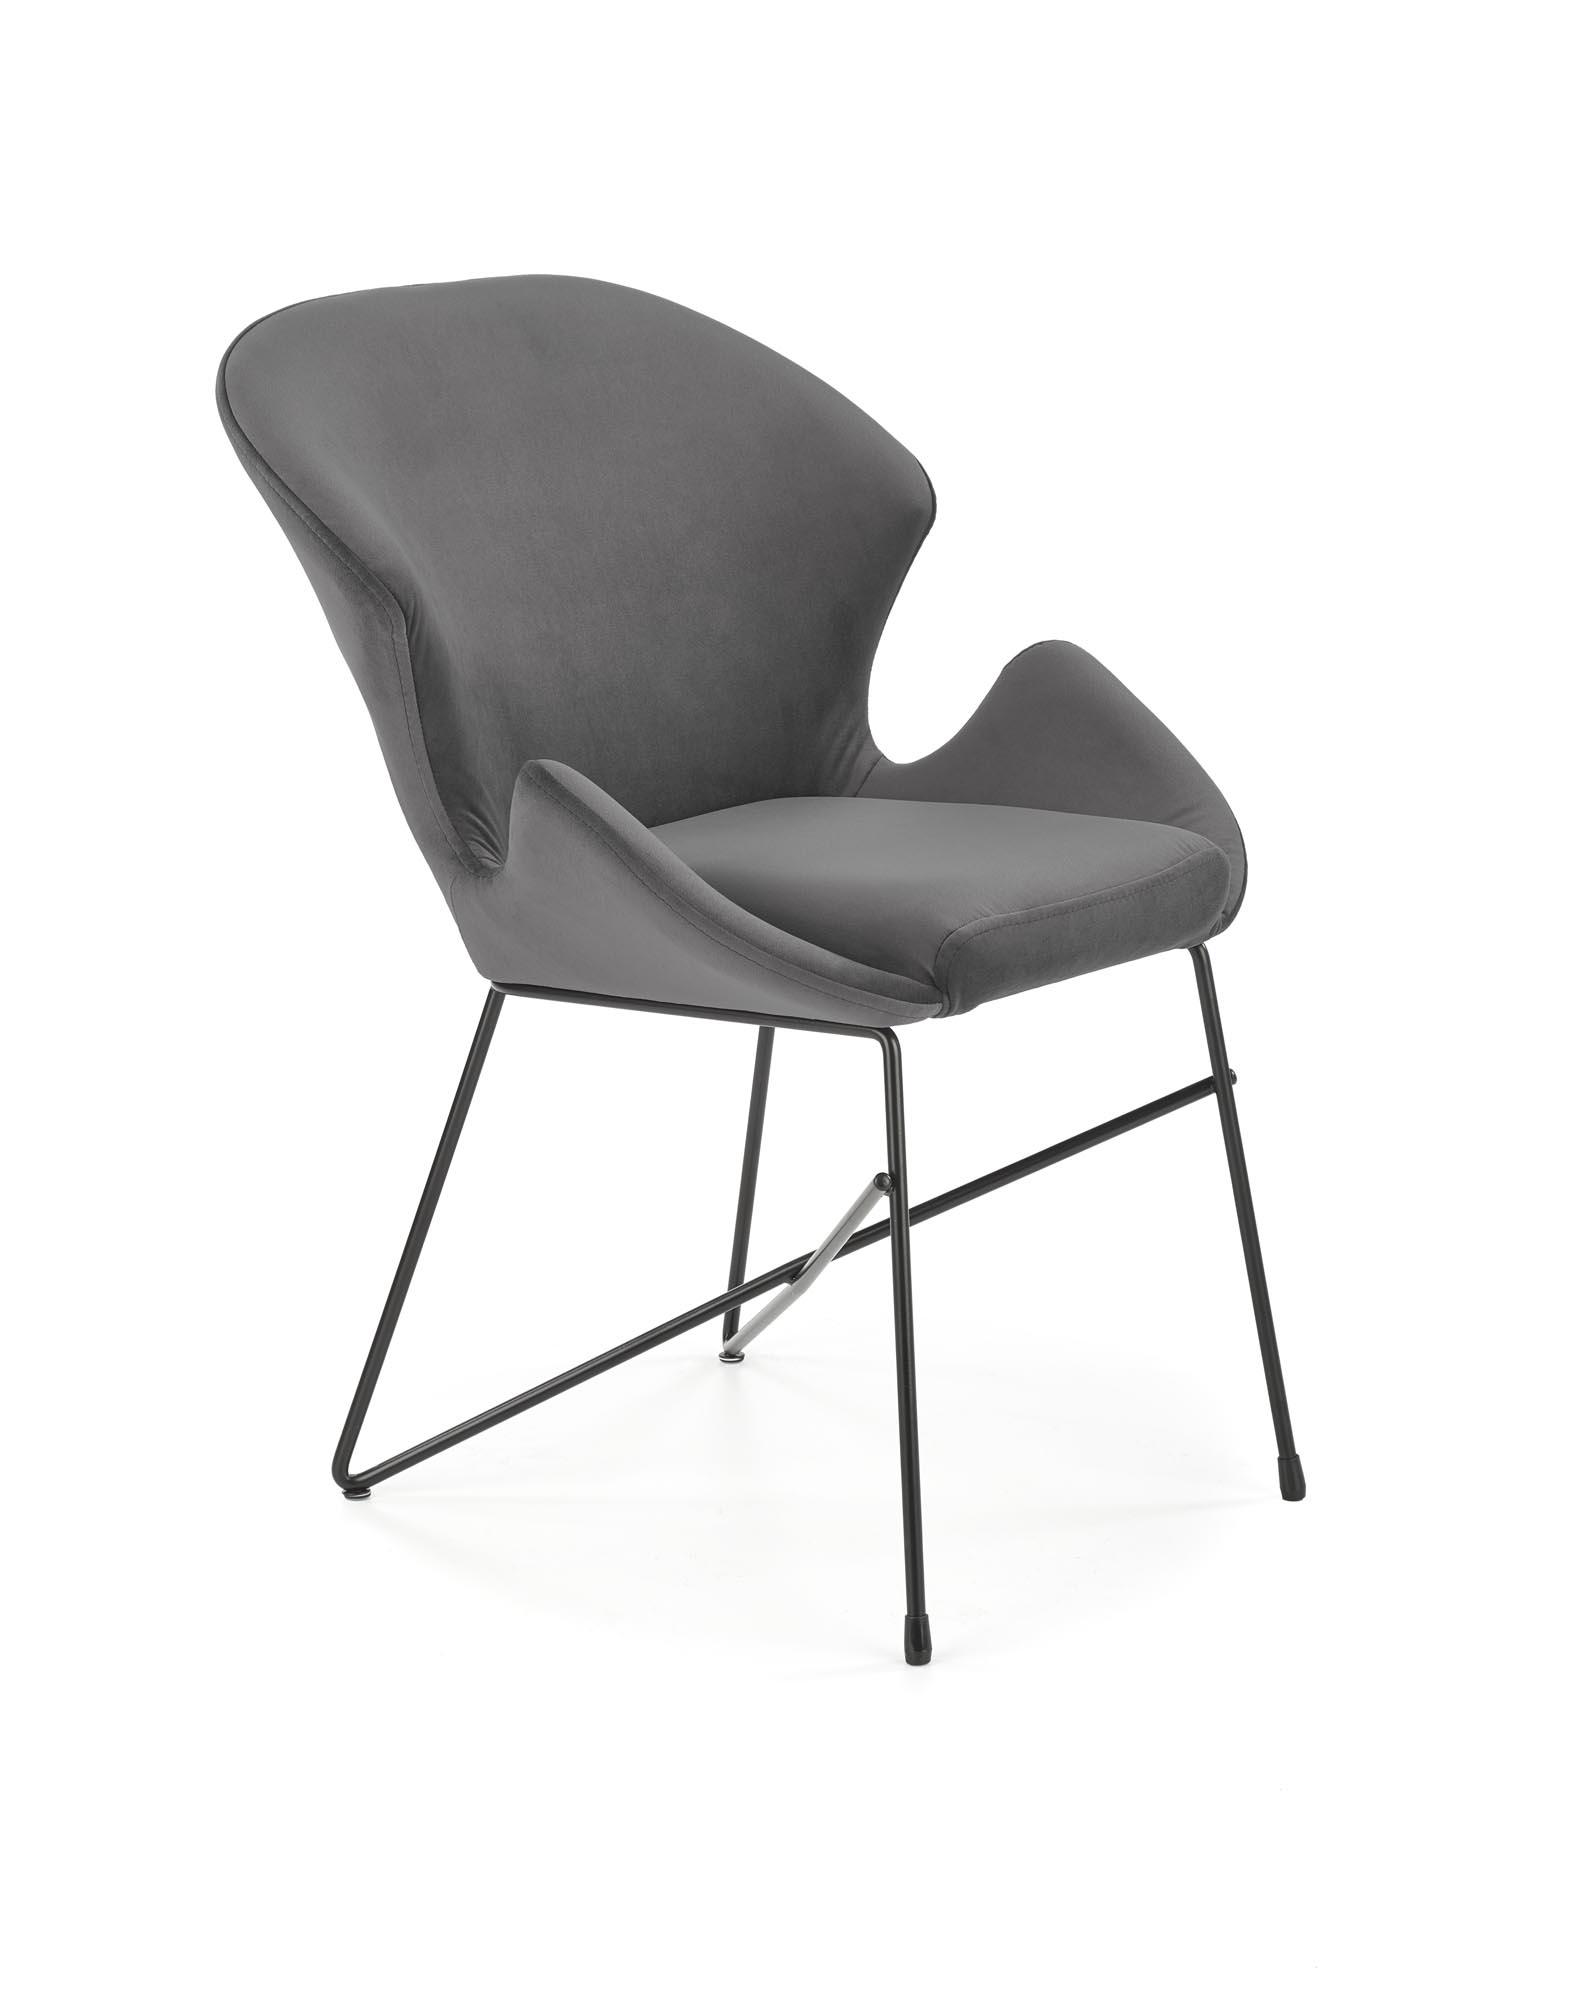 K458 krzesło, kolor: popielaty